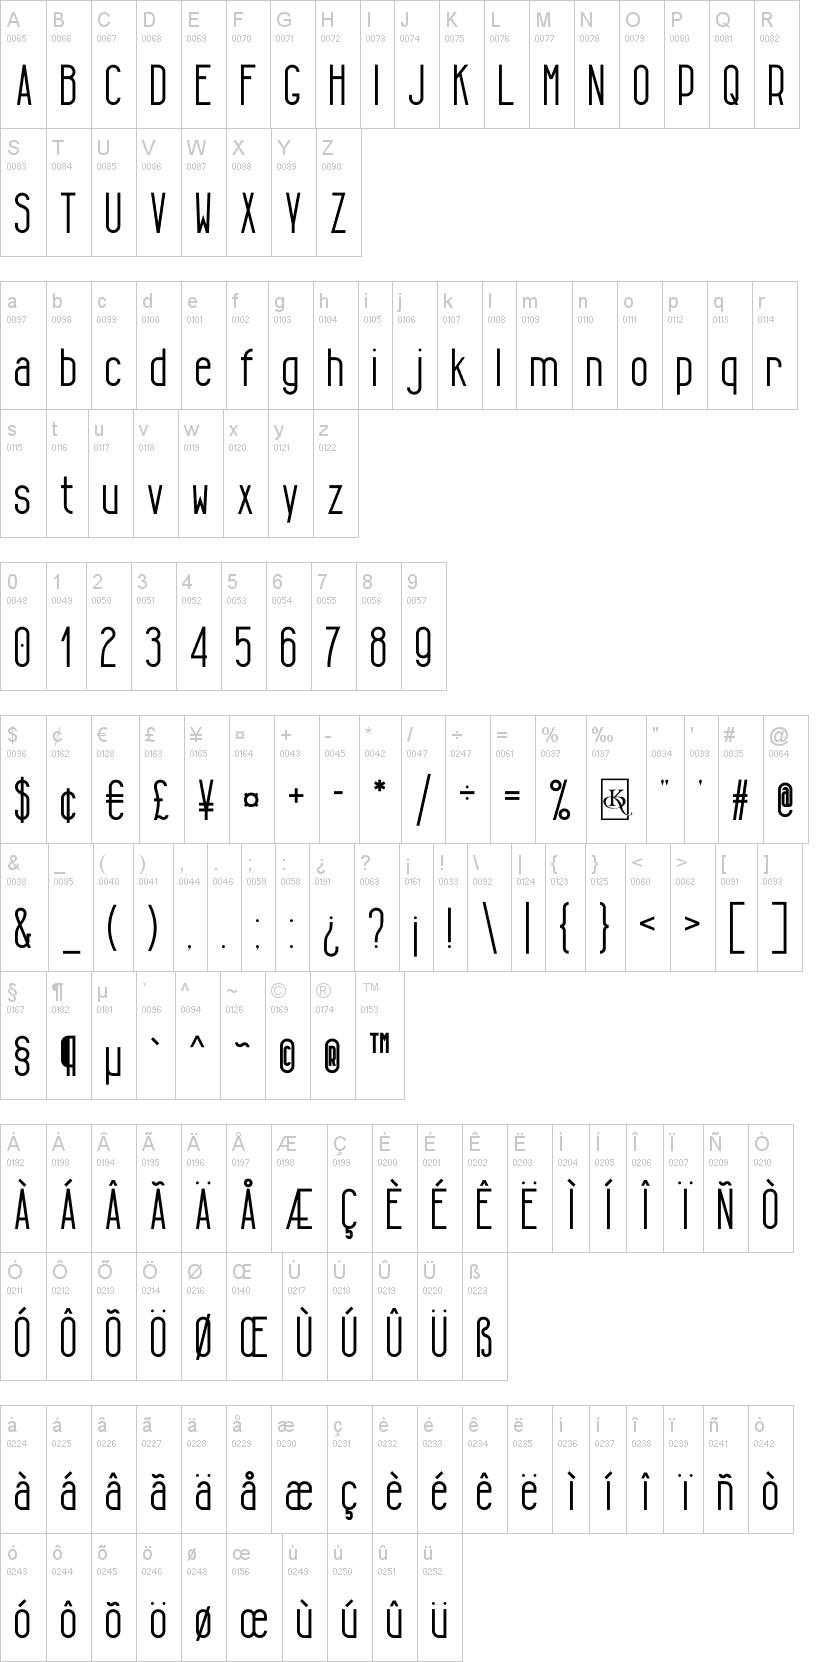 Tall & Lean Font | dafont com